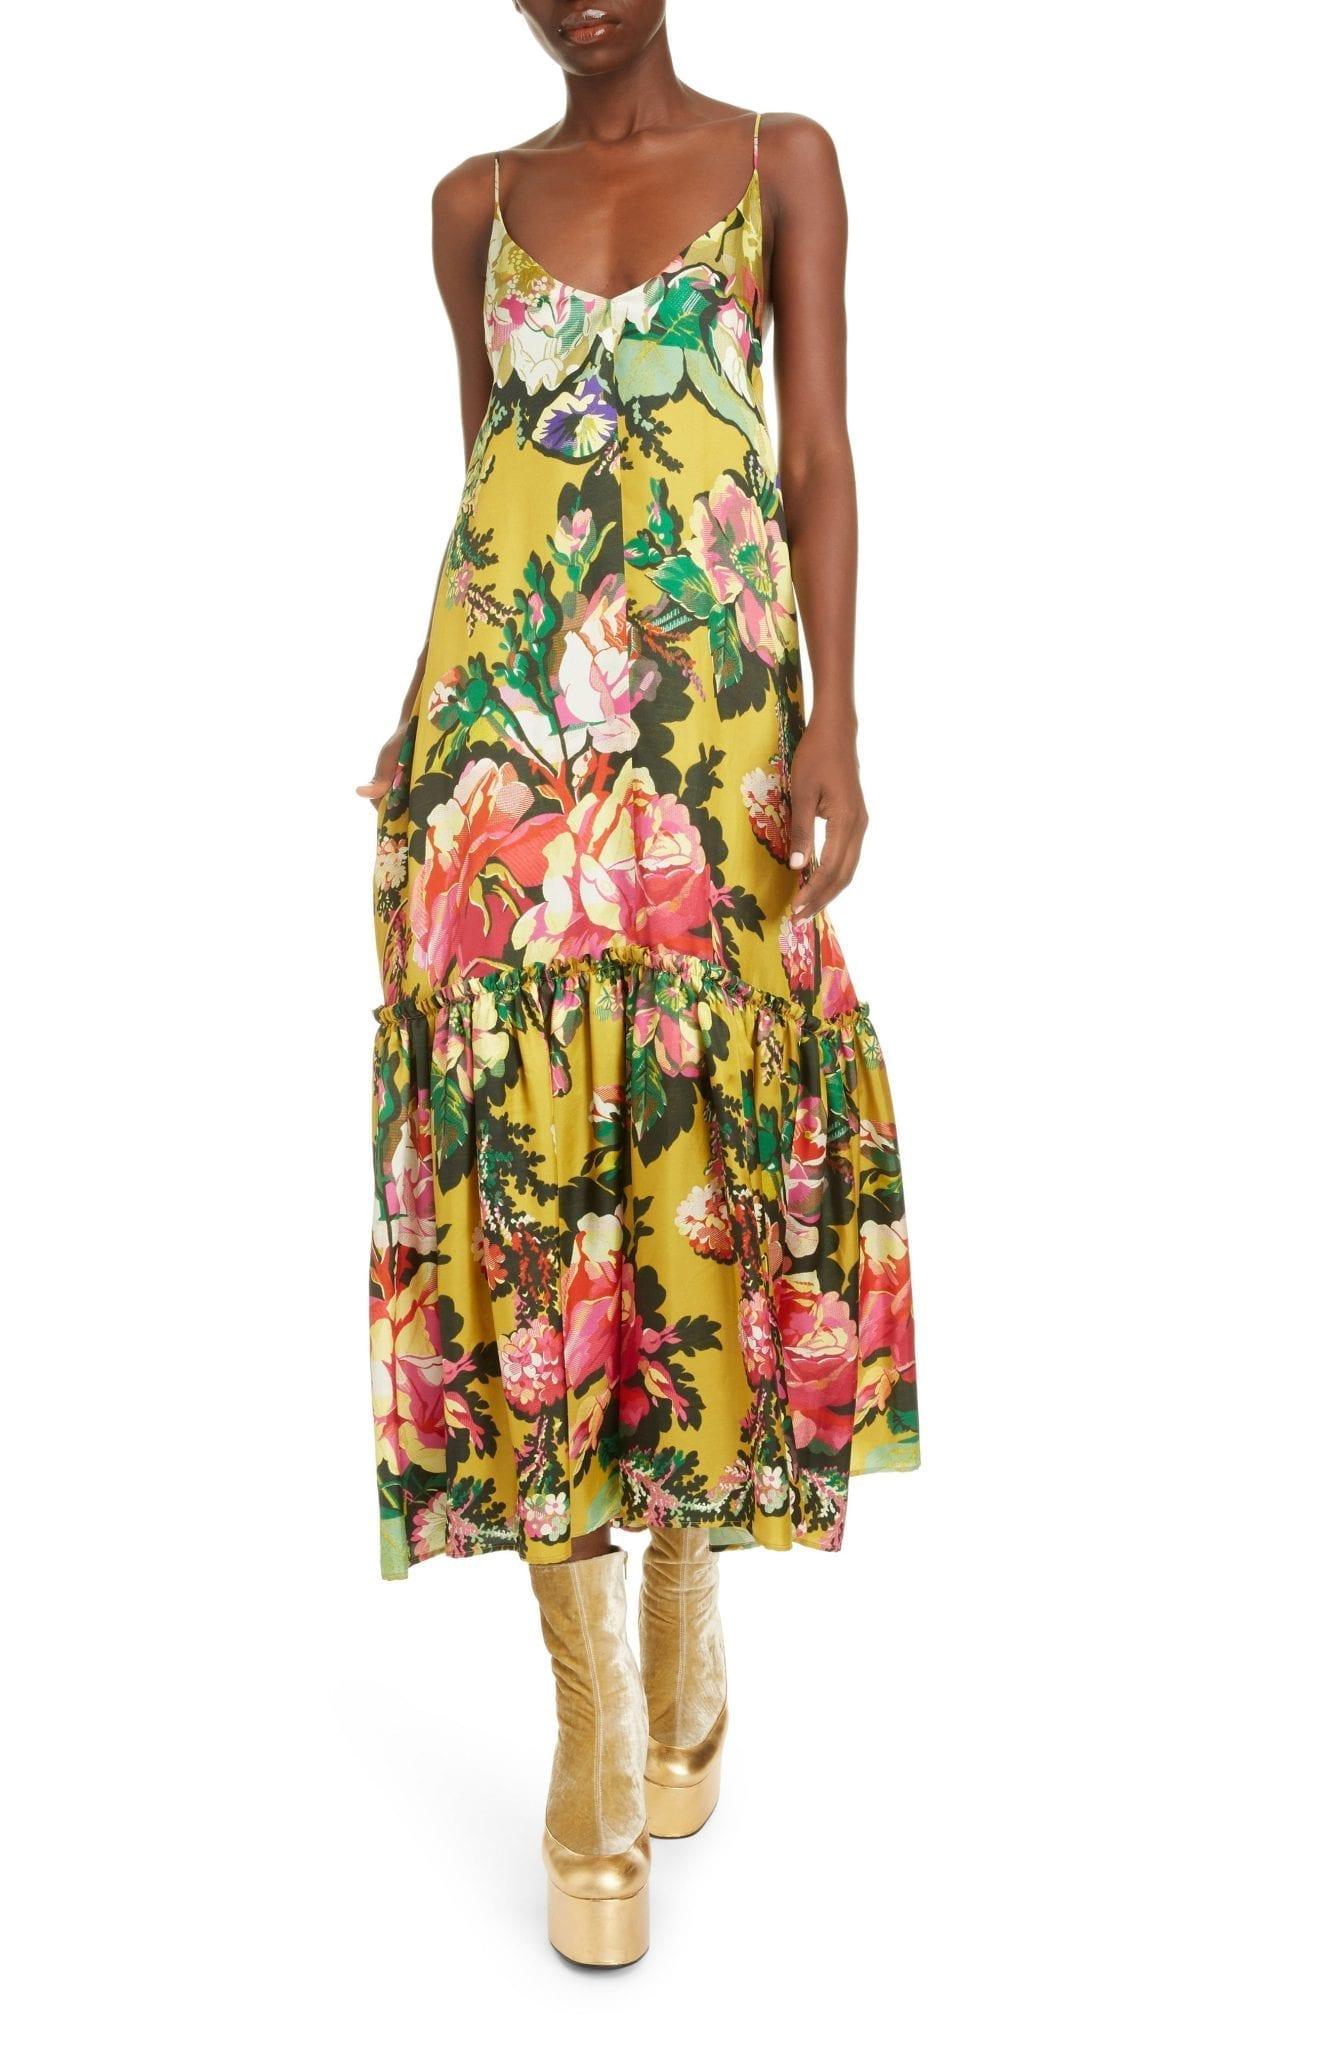 DRIES VAN NOTEN Diba Floral Ruffle Sun Dress